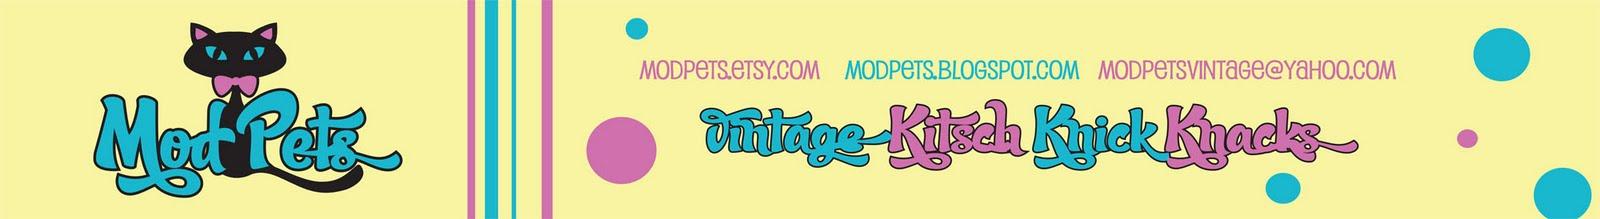 ModPets Vintage Kitsch